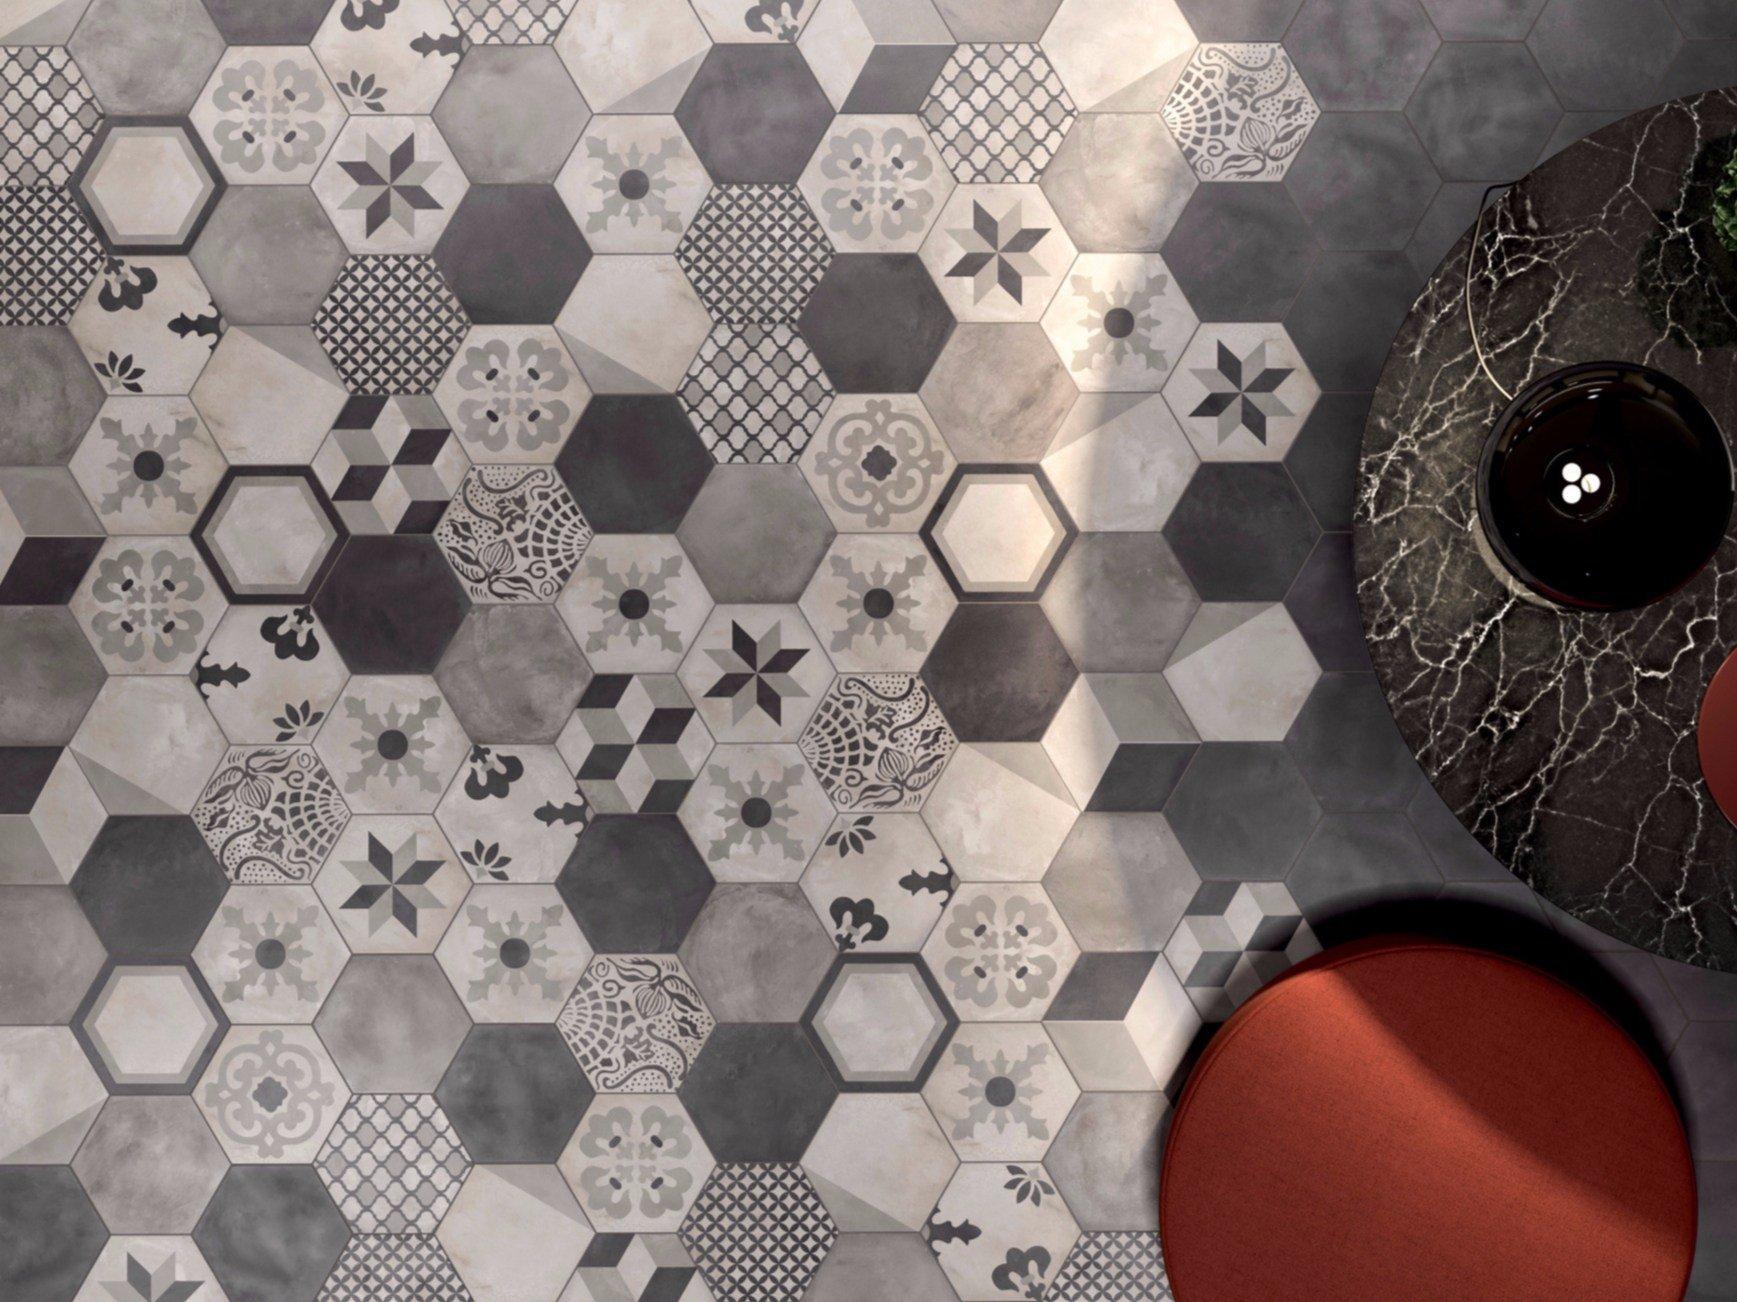 un pavimento con le piastrelle a forma ottagonale di color grigio con dei disegni